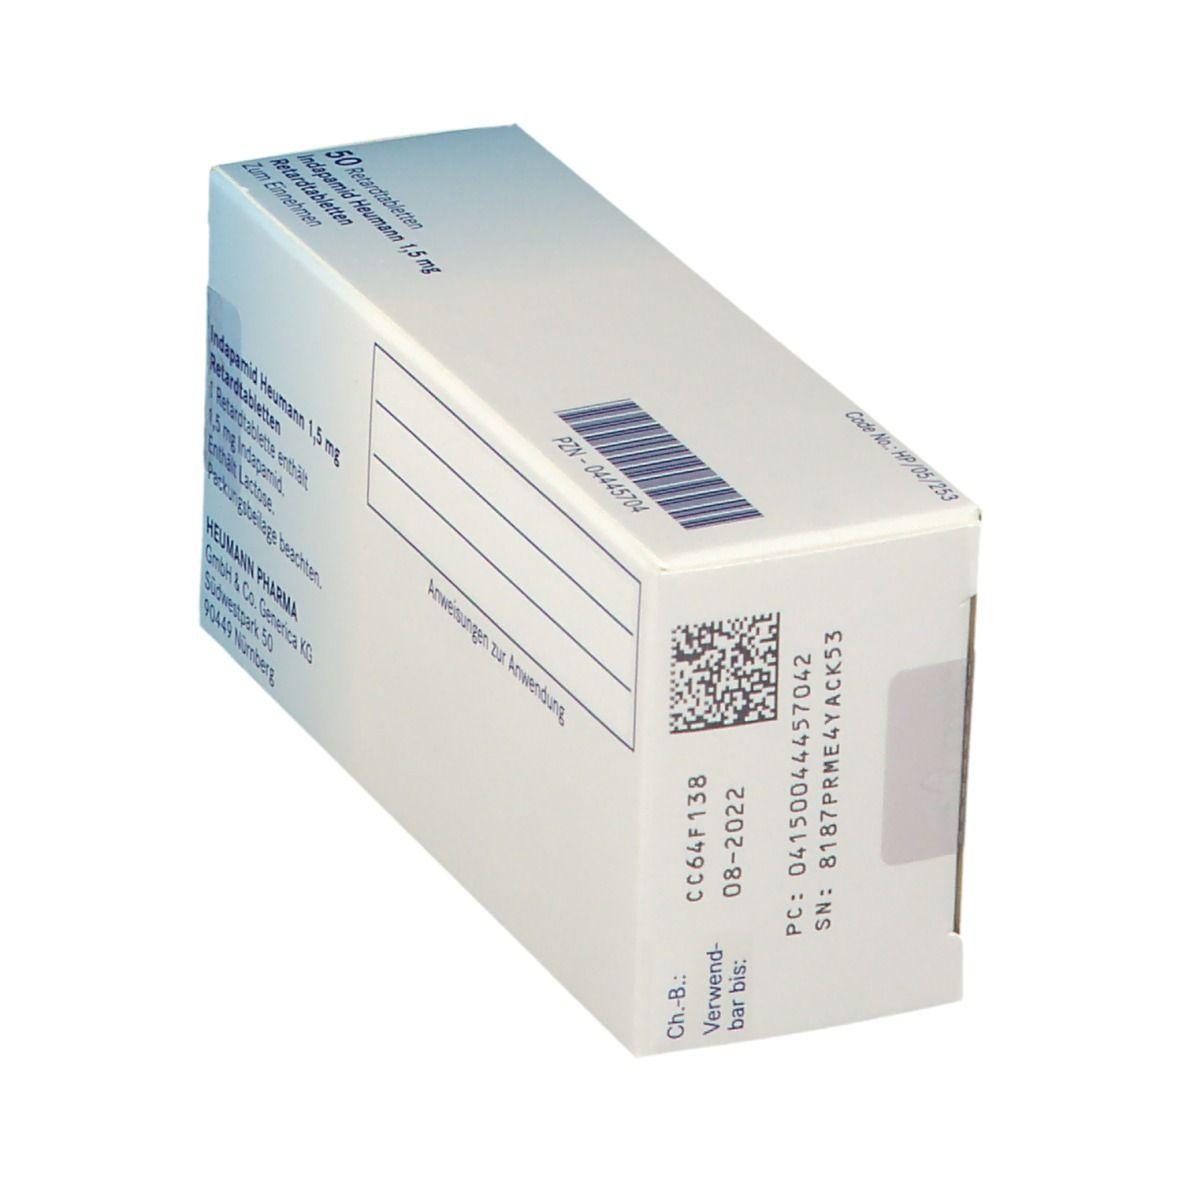 Indapamid Heumann 20,20 mg 200 St   shop apotheke.com